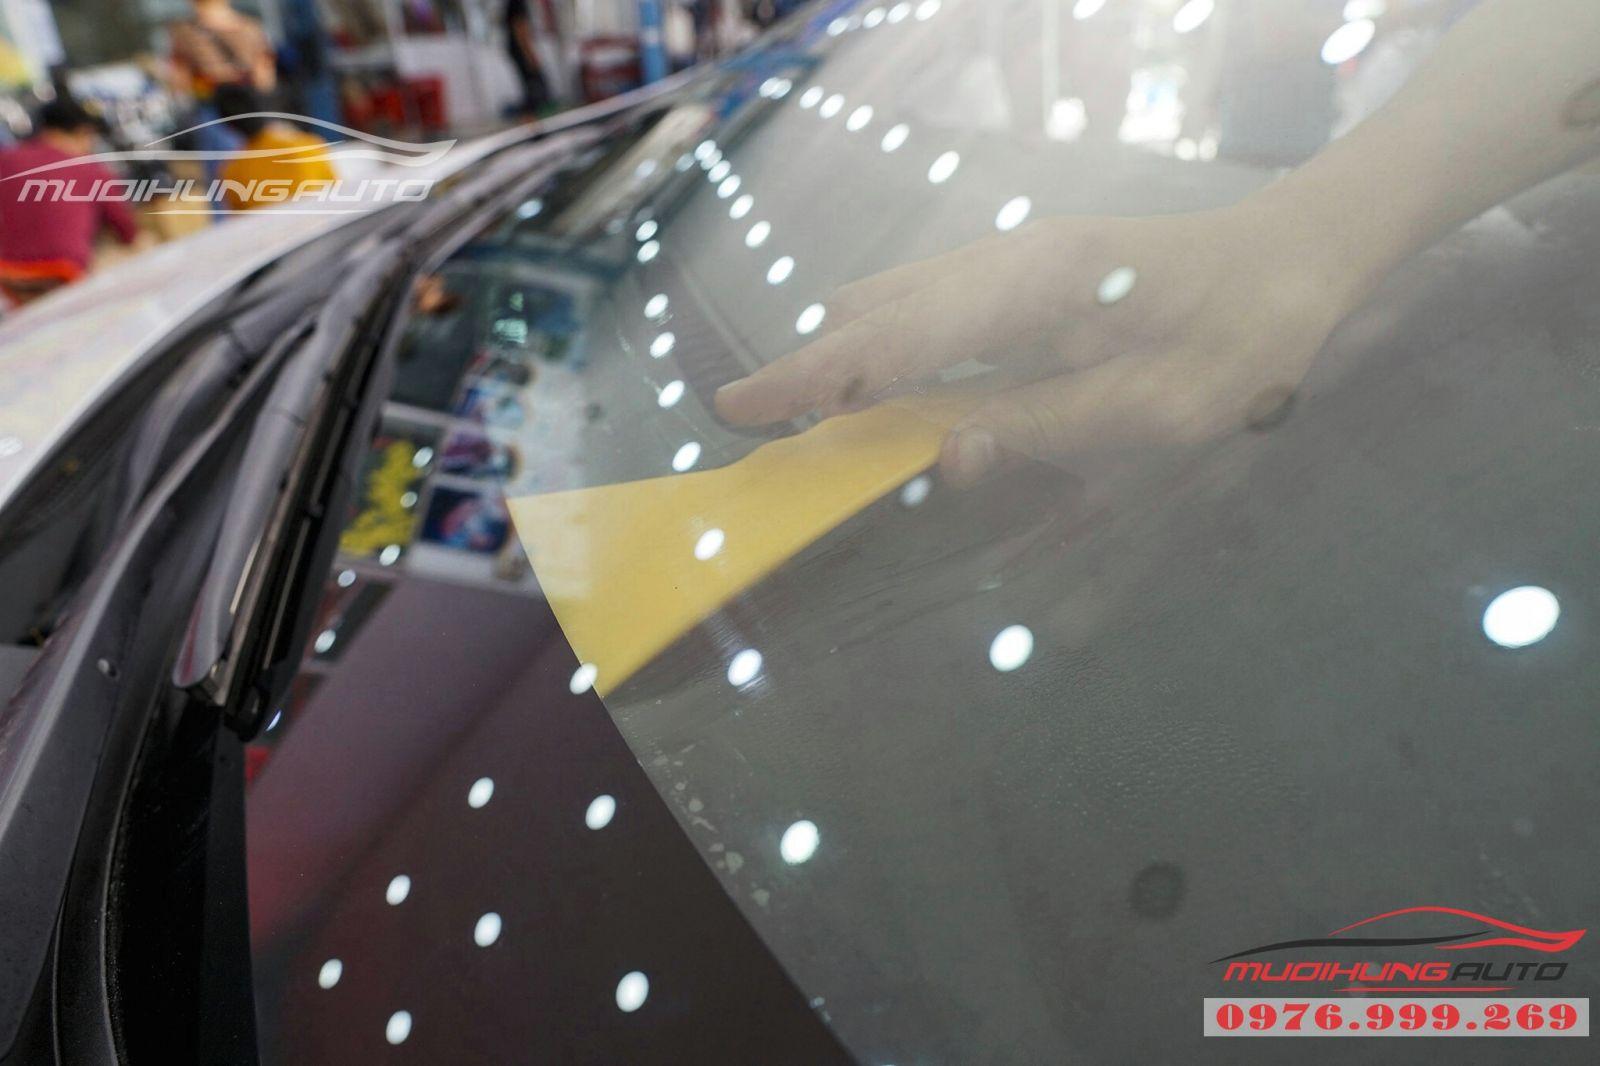 Dán phim cách nhiệt 3M cho Mitsubishi Xpander 03